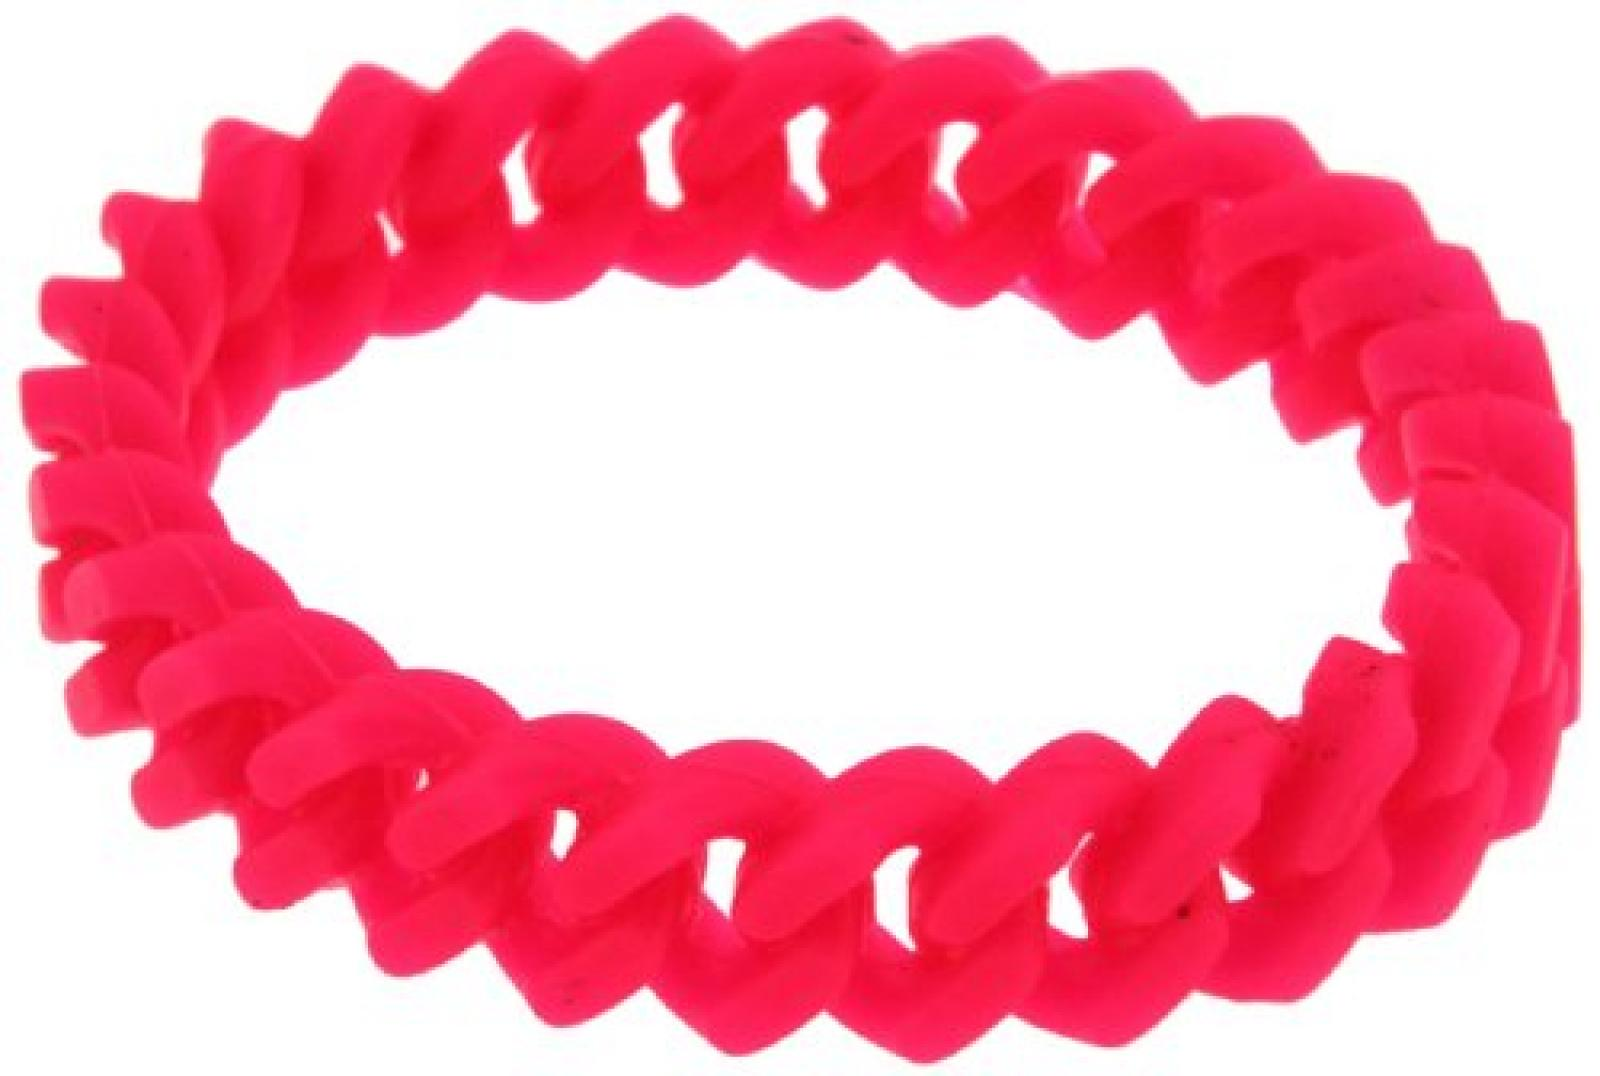 Kettenworld Unisex Armband 18.0 cm pink 334611